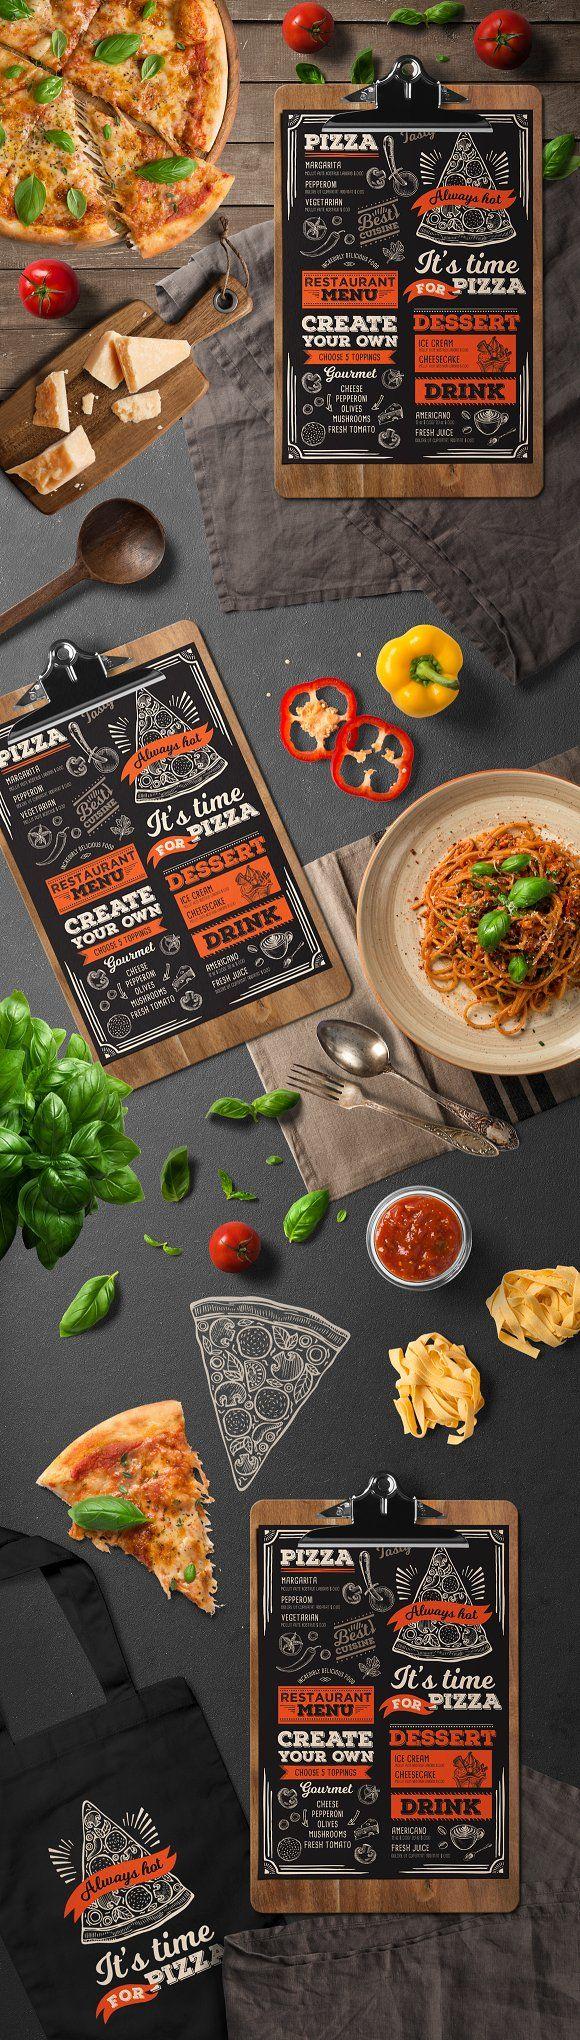 Pizza Food Menu Template | Pinterest | Restaurante, Bahareque y Pizzas